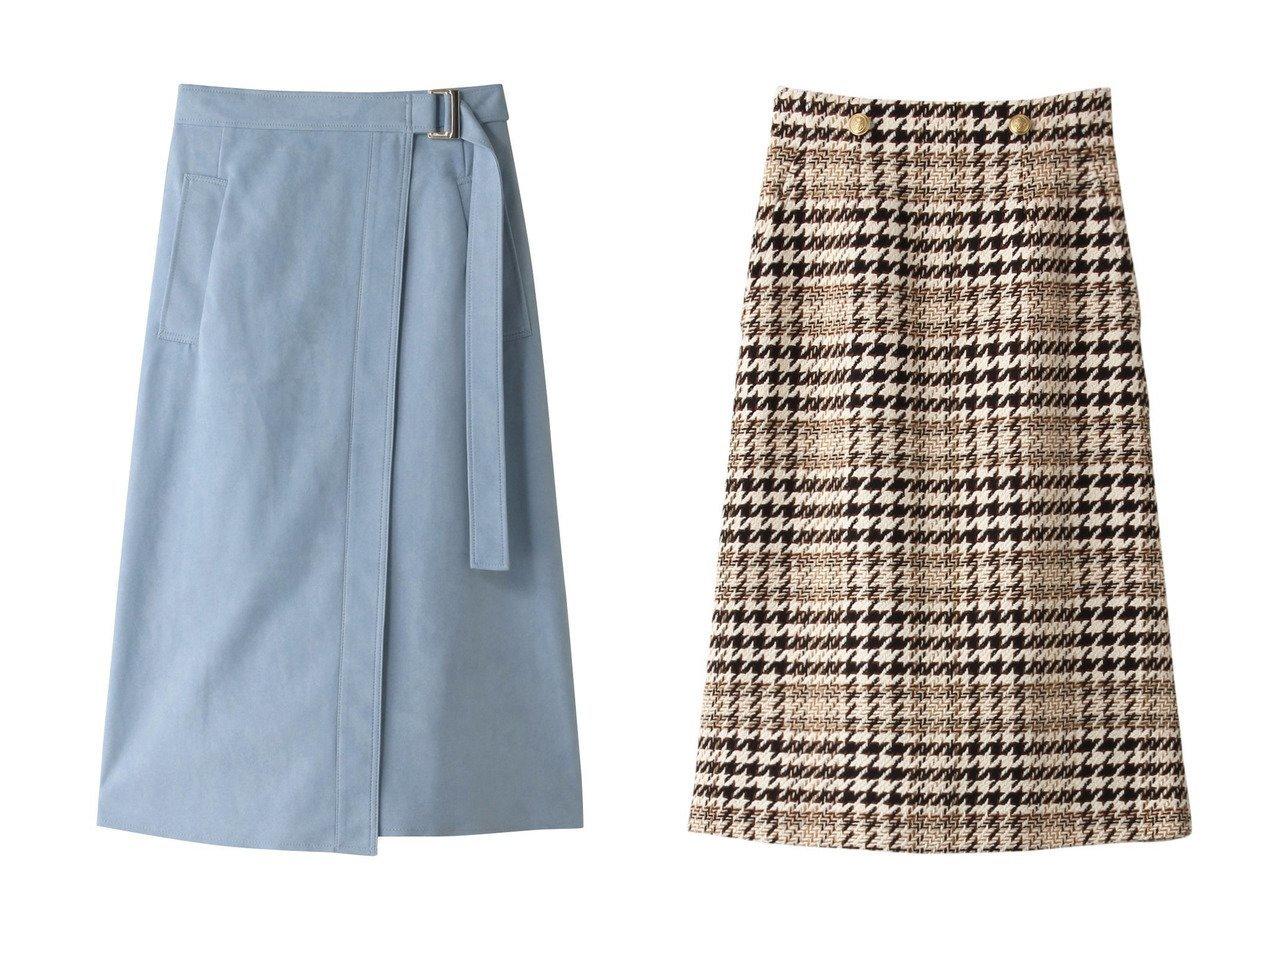 【allureville/アルアバイル】のフェイクスエードラップライクスカート&ビッグチェックAラインスカート 【スカート】おすすめ!人気、トレンド・レディースファッションの通販 おすすめで人気の流行・トレンド、ファッションの通販商品 インテリア・家具・メンズファッション・キッズファッション・レディースファッション・服の通販 founy(ファニー) https://founy.com/ ファッション Fashion レディースファッション WOMEN スカート Skirt ロングスカート Long Skirt Aライン/フレアスカート Flared A-Line Skirts A/W・秋冬 AW・Autumn/Winter・FW・Fall-Winter シンプル スリット フェイクスエード ラップ ロング |ID:crp329100000071356